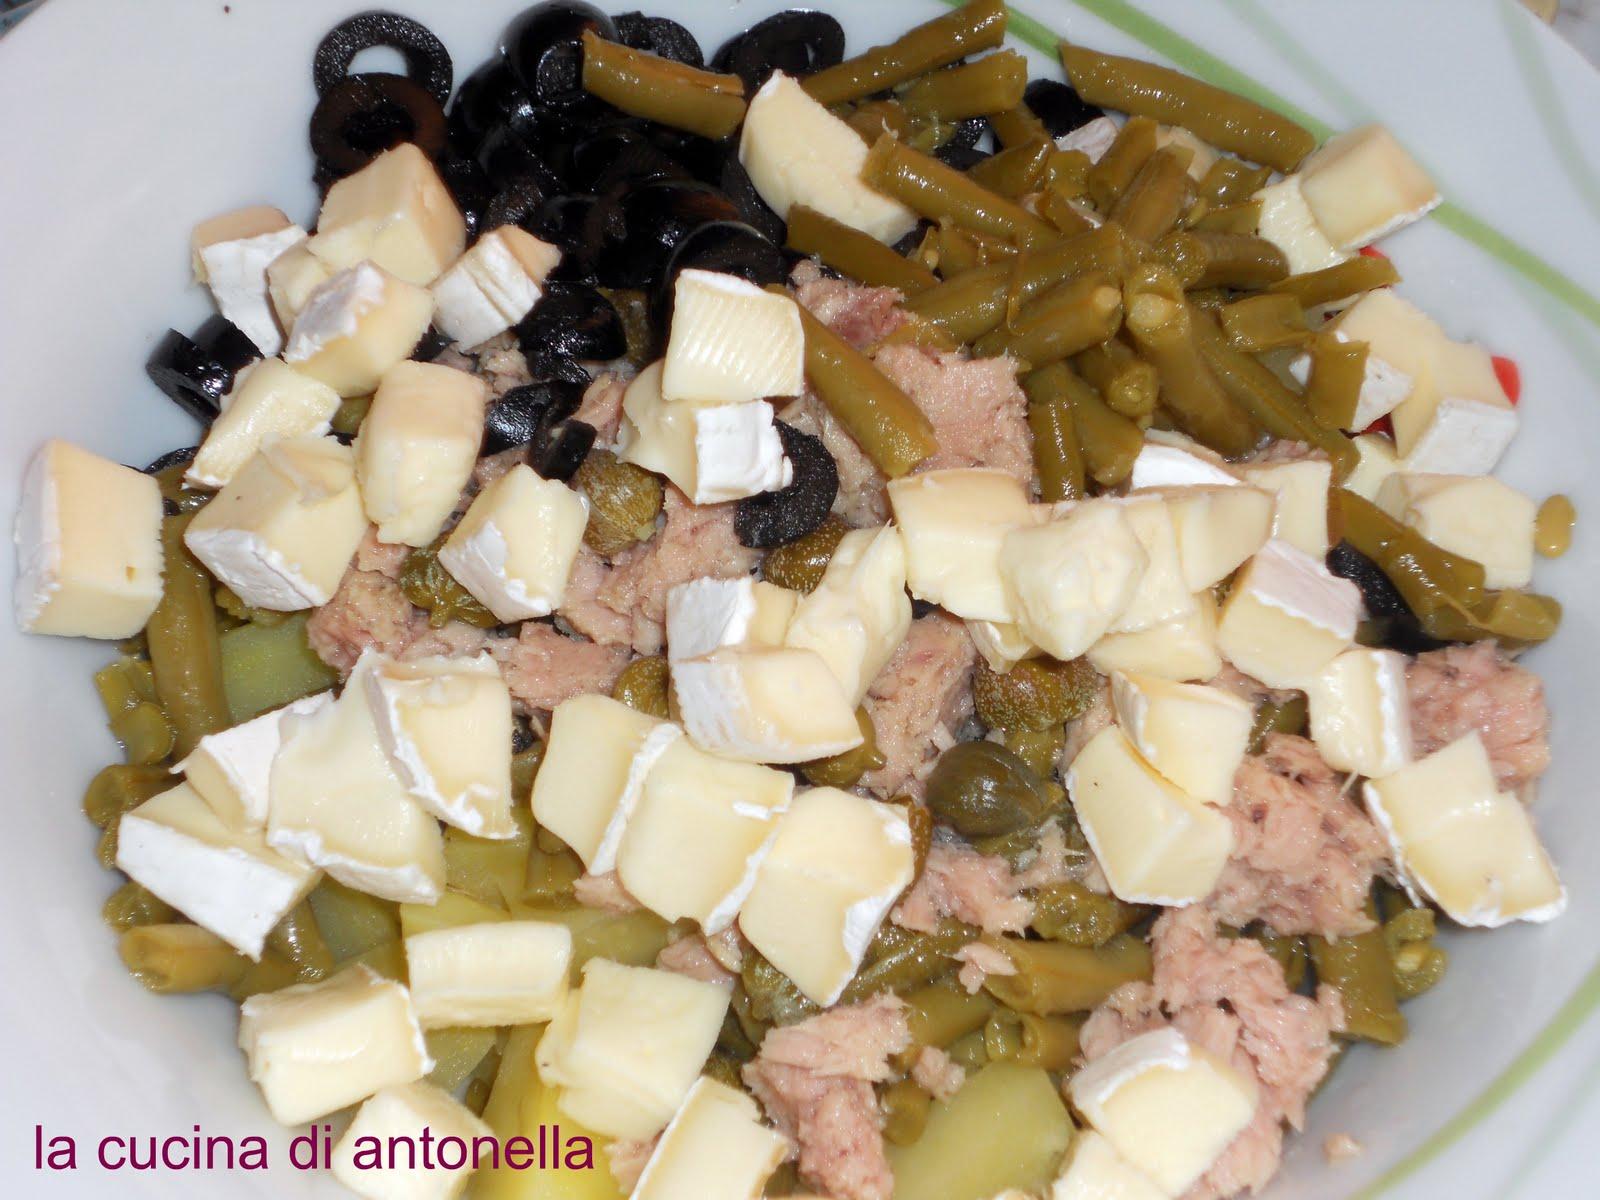 La cucina di antonella insalata di patate con tonno e brie - La cucina di antonella ...